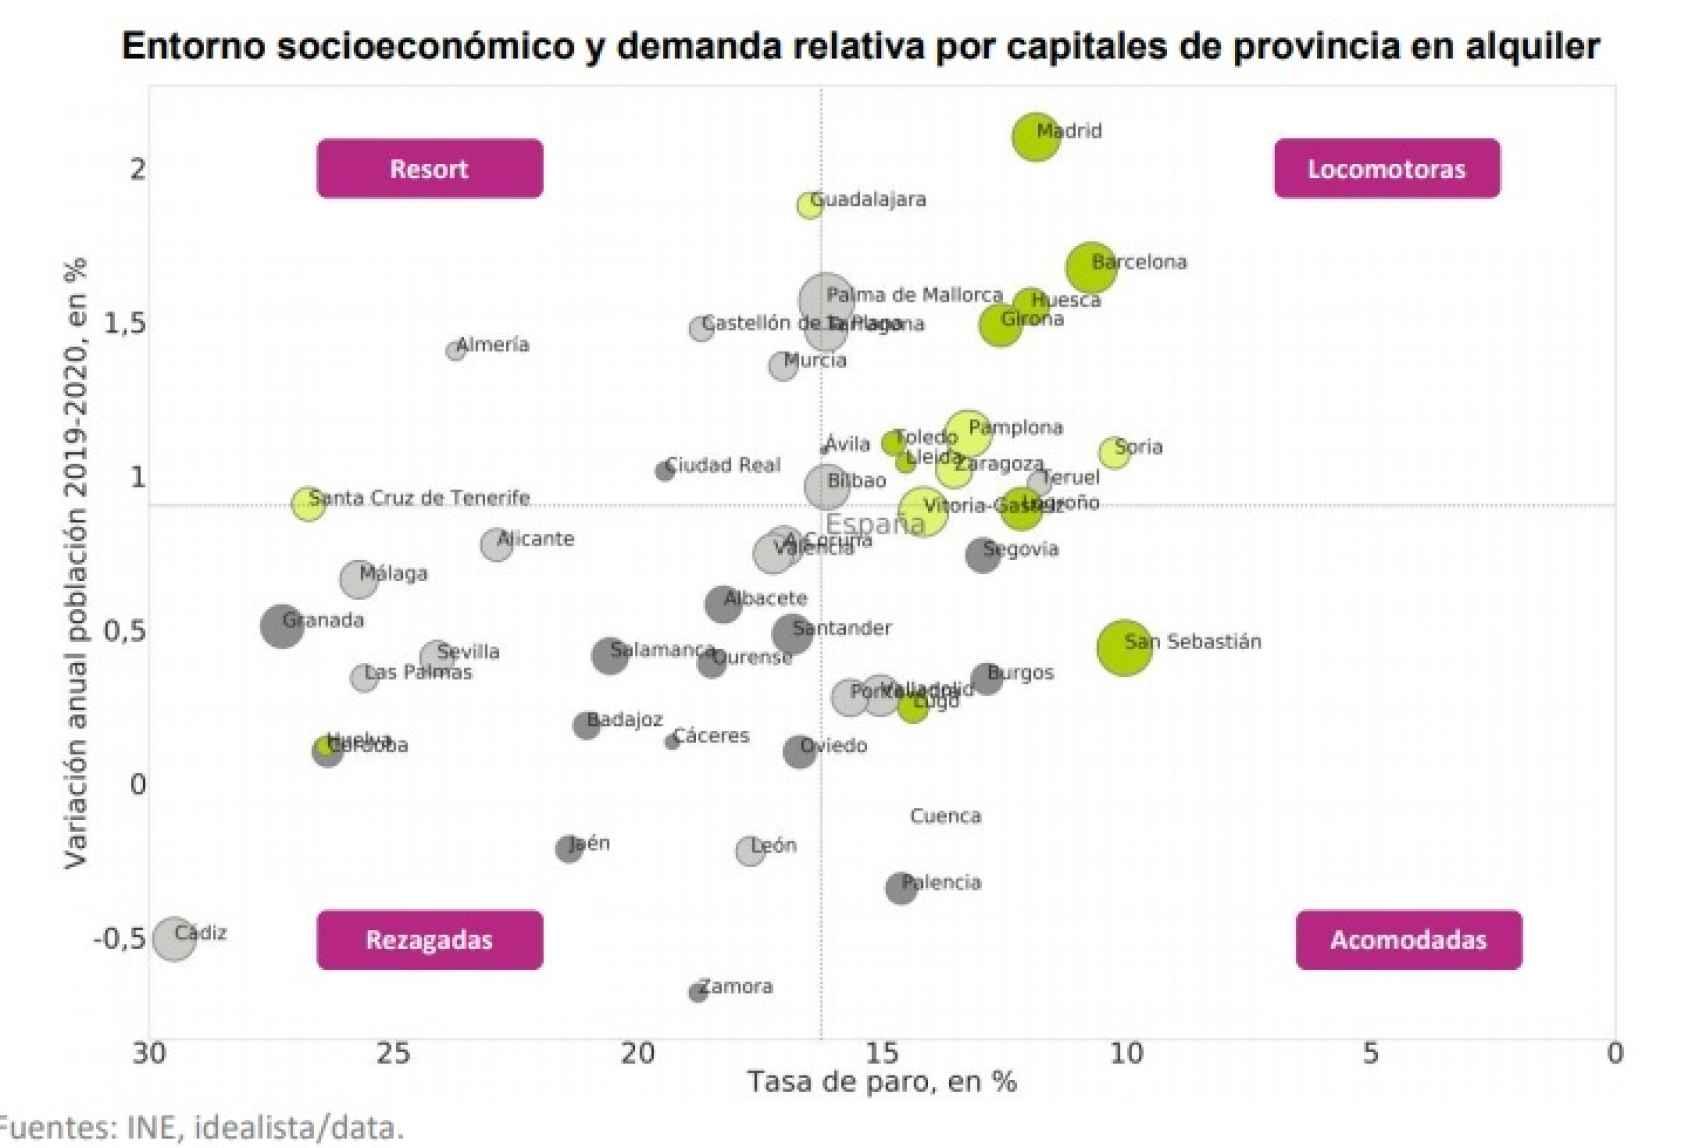 Entorno socioeconómico y demanda relativa por capitales de provincia en alquiler.